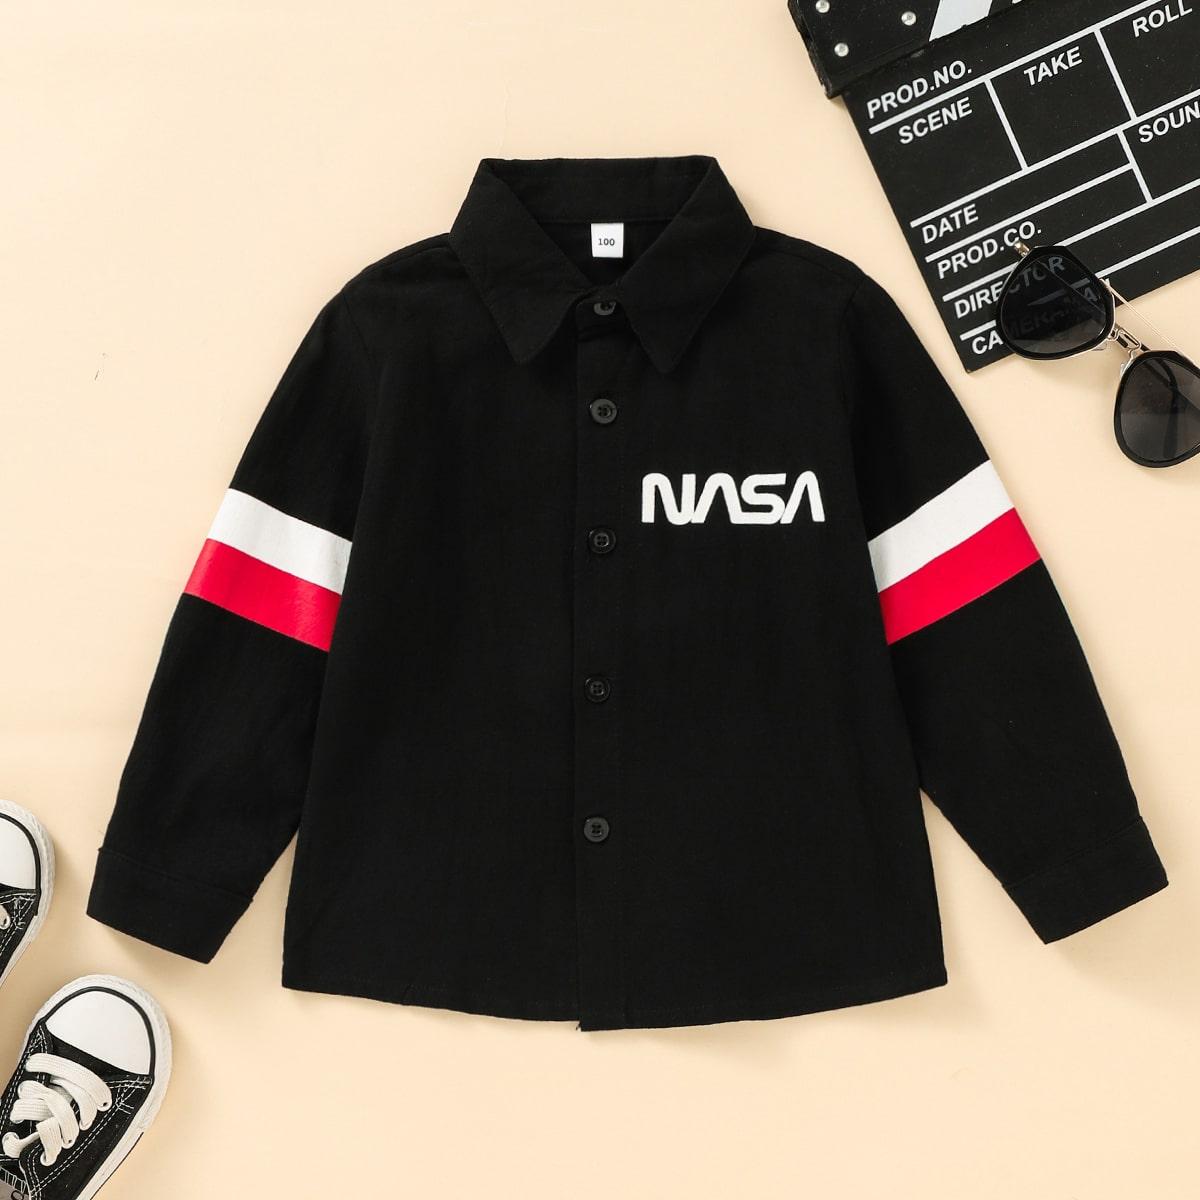 Контрастная рубашка с текстовым принтом для мальчиков